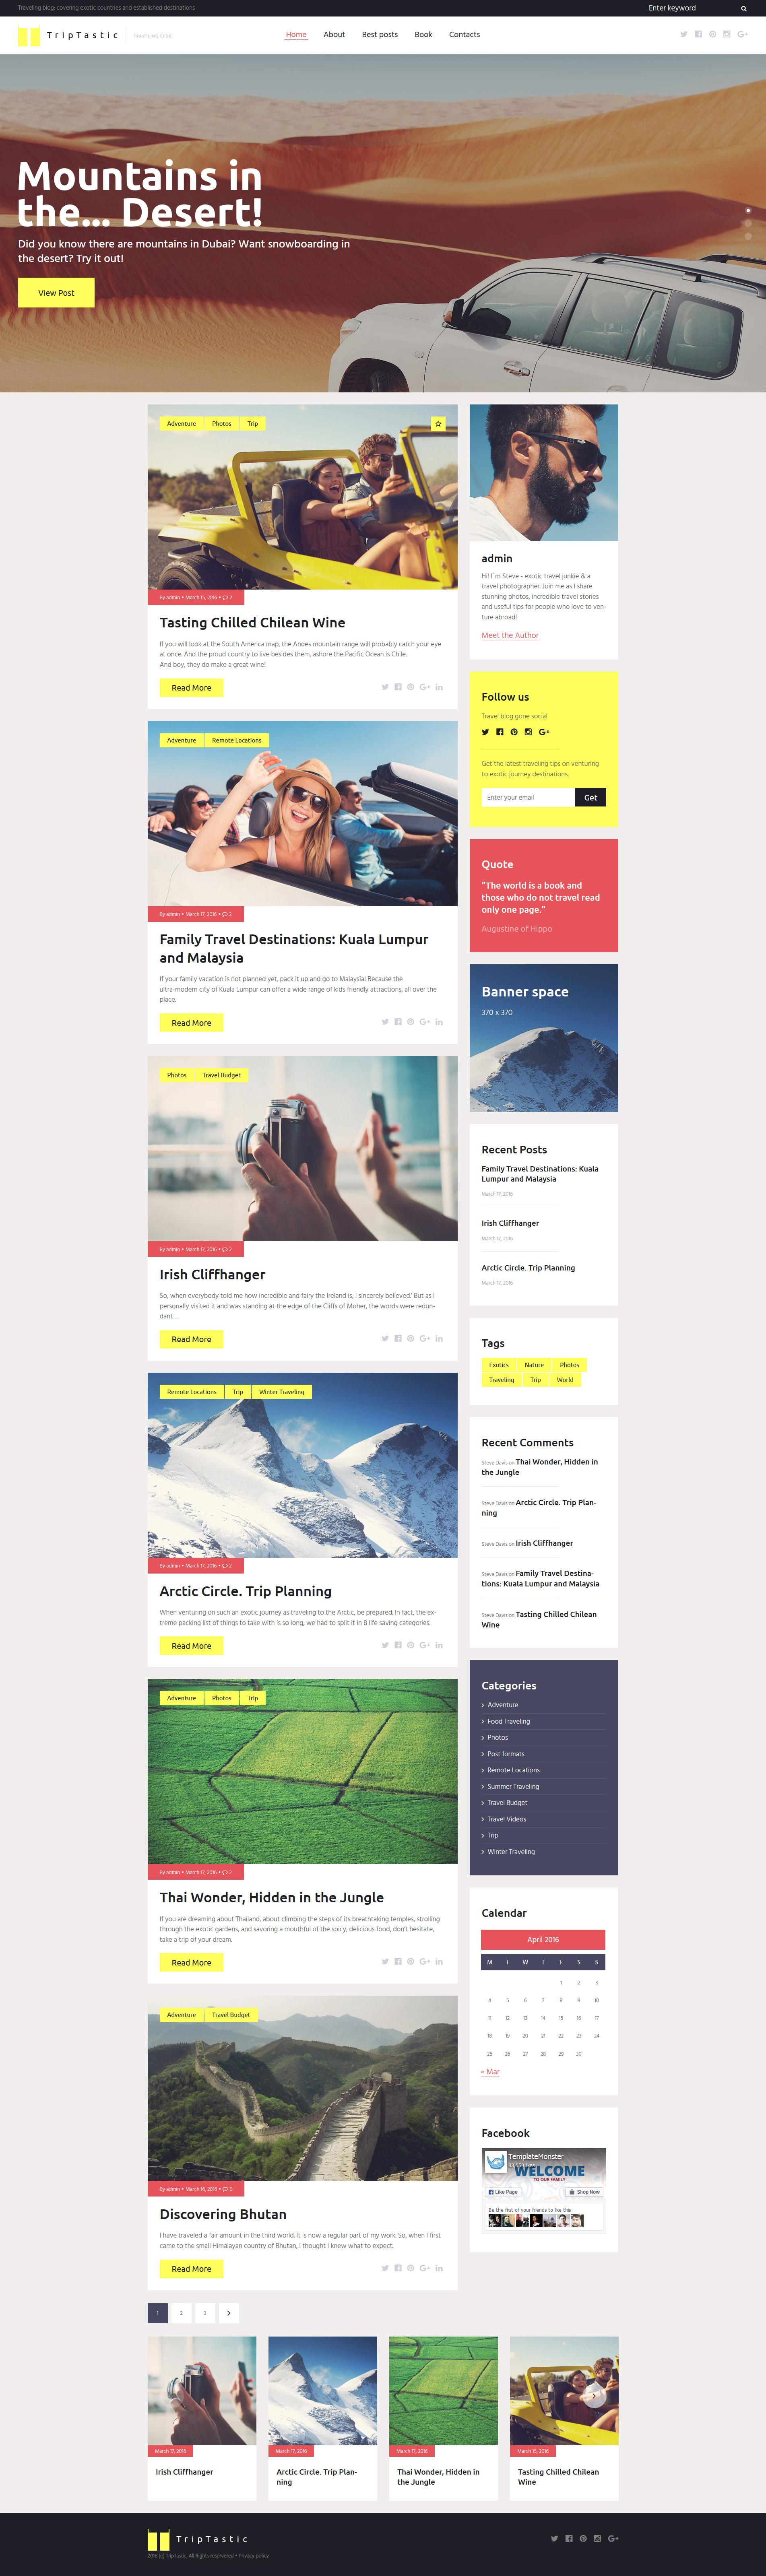 """""""TripTastic - Travel Blog"""" - адаптивний WordPress шаблон №58562 - скріншот"""